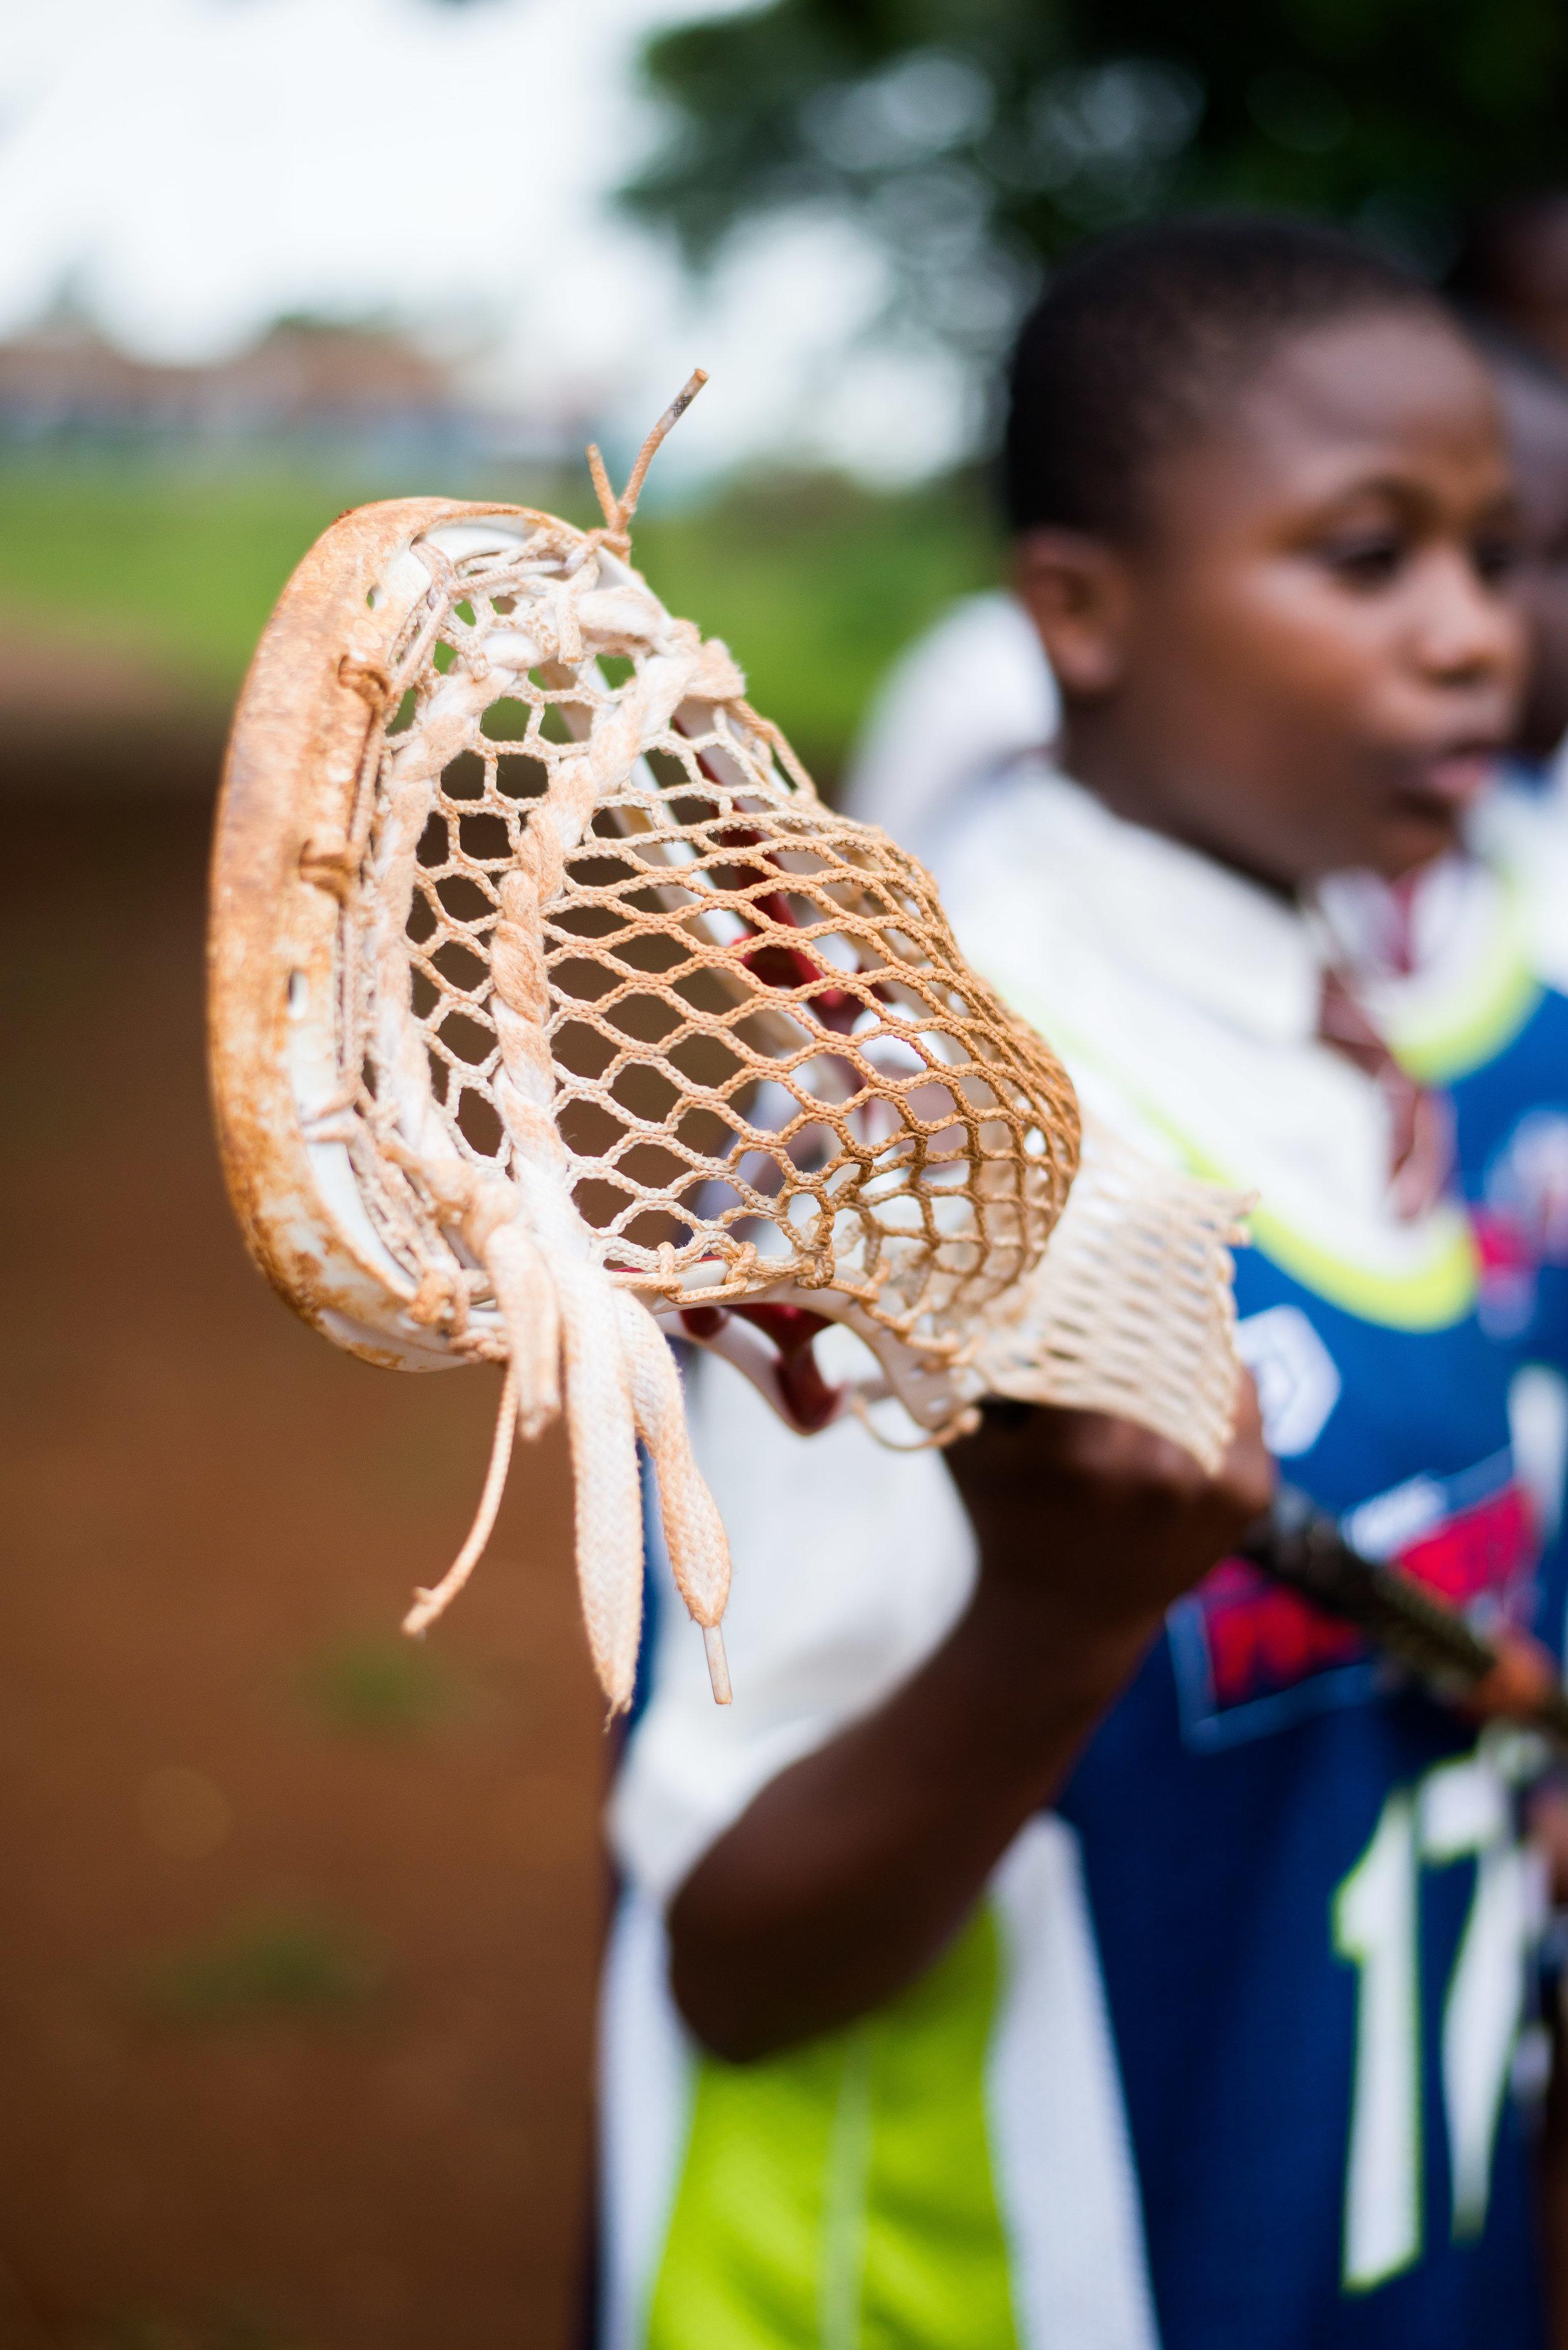 LUVLENS_KidsLacrosseTheWorld_Kenya_2016-202.jpg